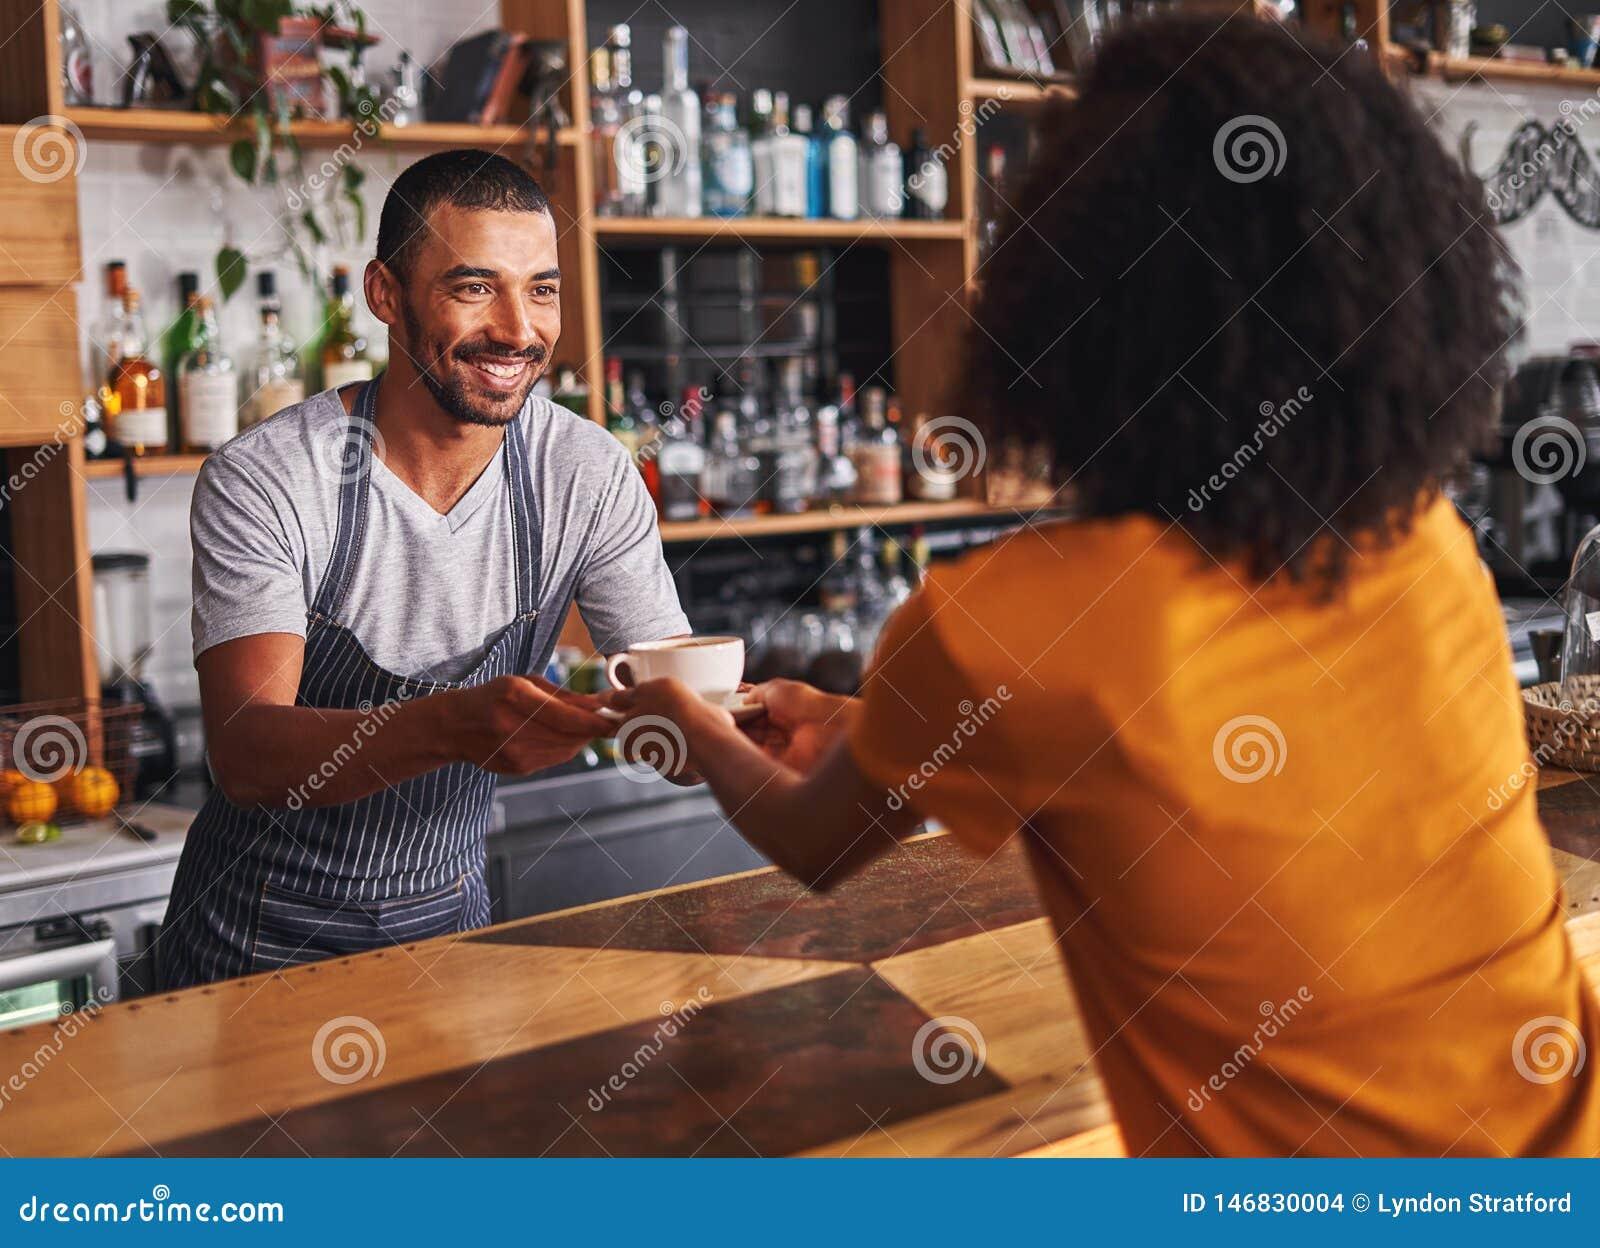 Męski barista słuzyć filiżankę żeński klient w kawiarni